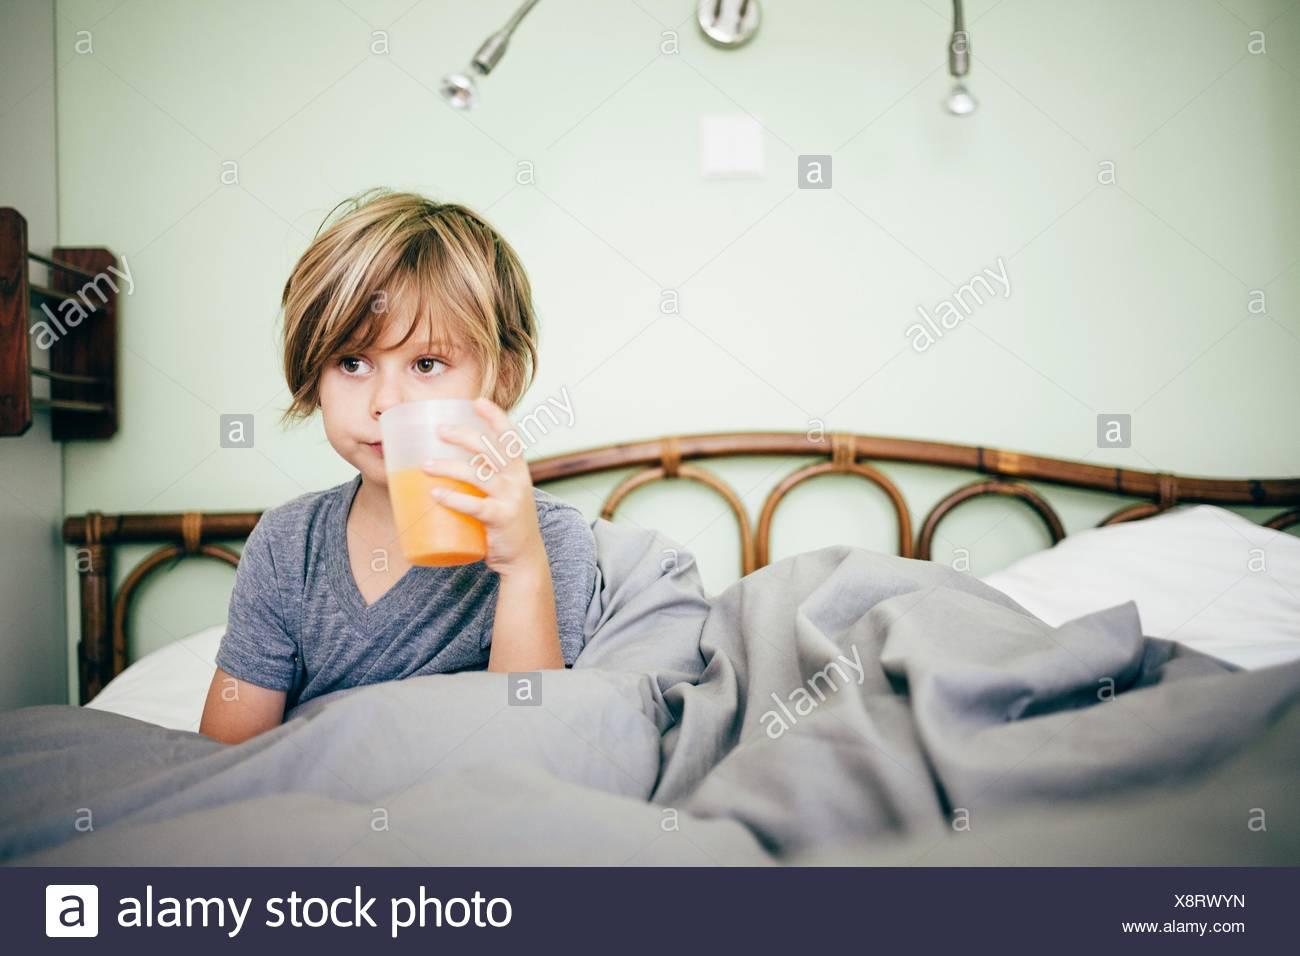 Ragazzo seduto nel letto bicchiere di succo di arancia, guardando lontano, Bludenz, Vorarlberg, Austria Immagini Stock